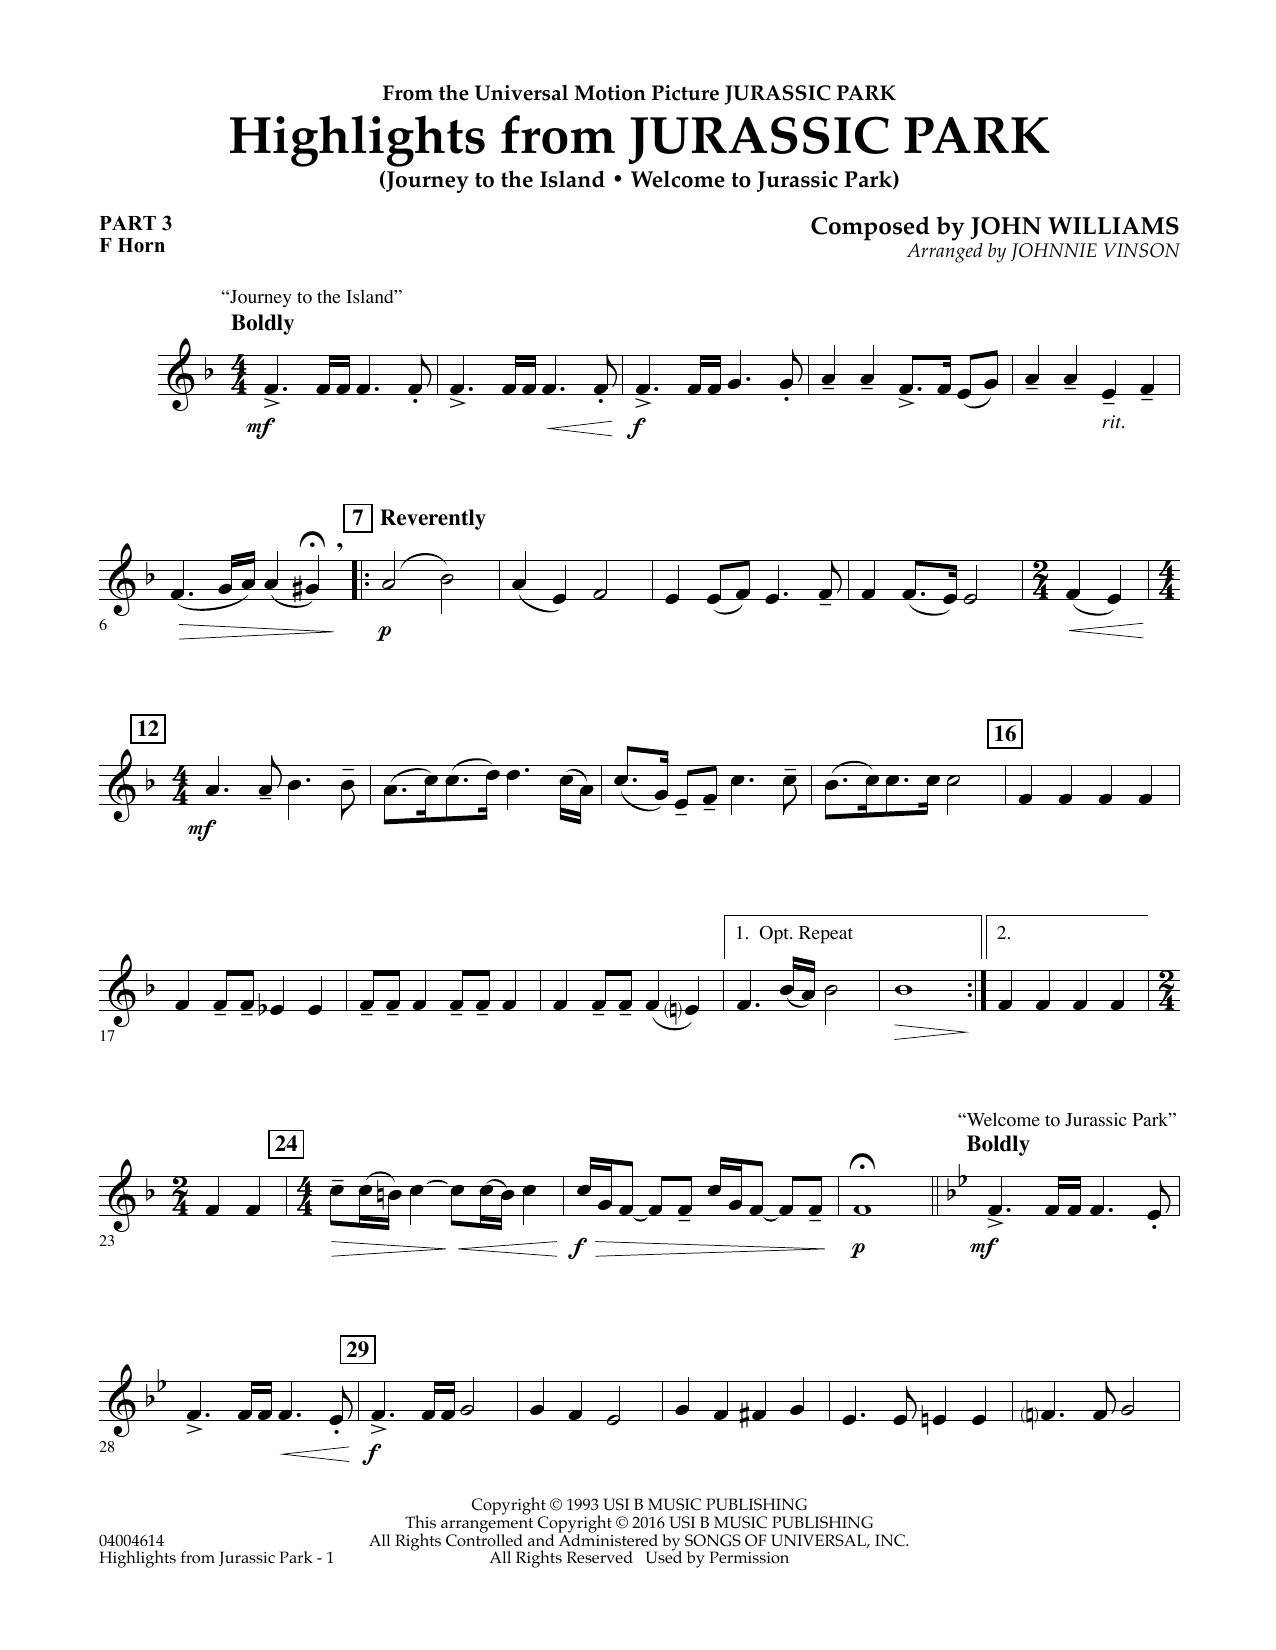 Highlights from Jurassic Park - Pt.3 - F Horn (Concert Band: Flex-Band)